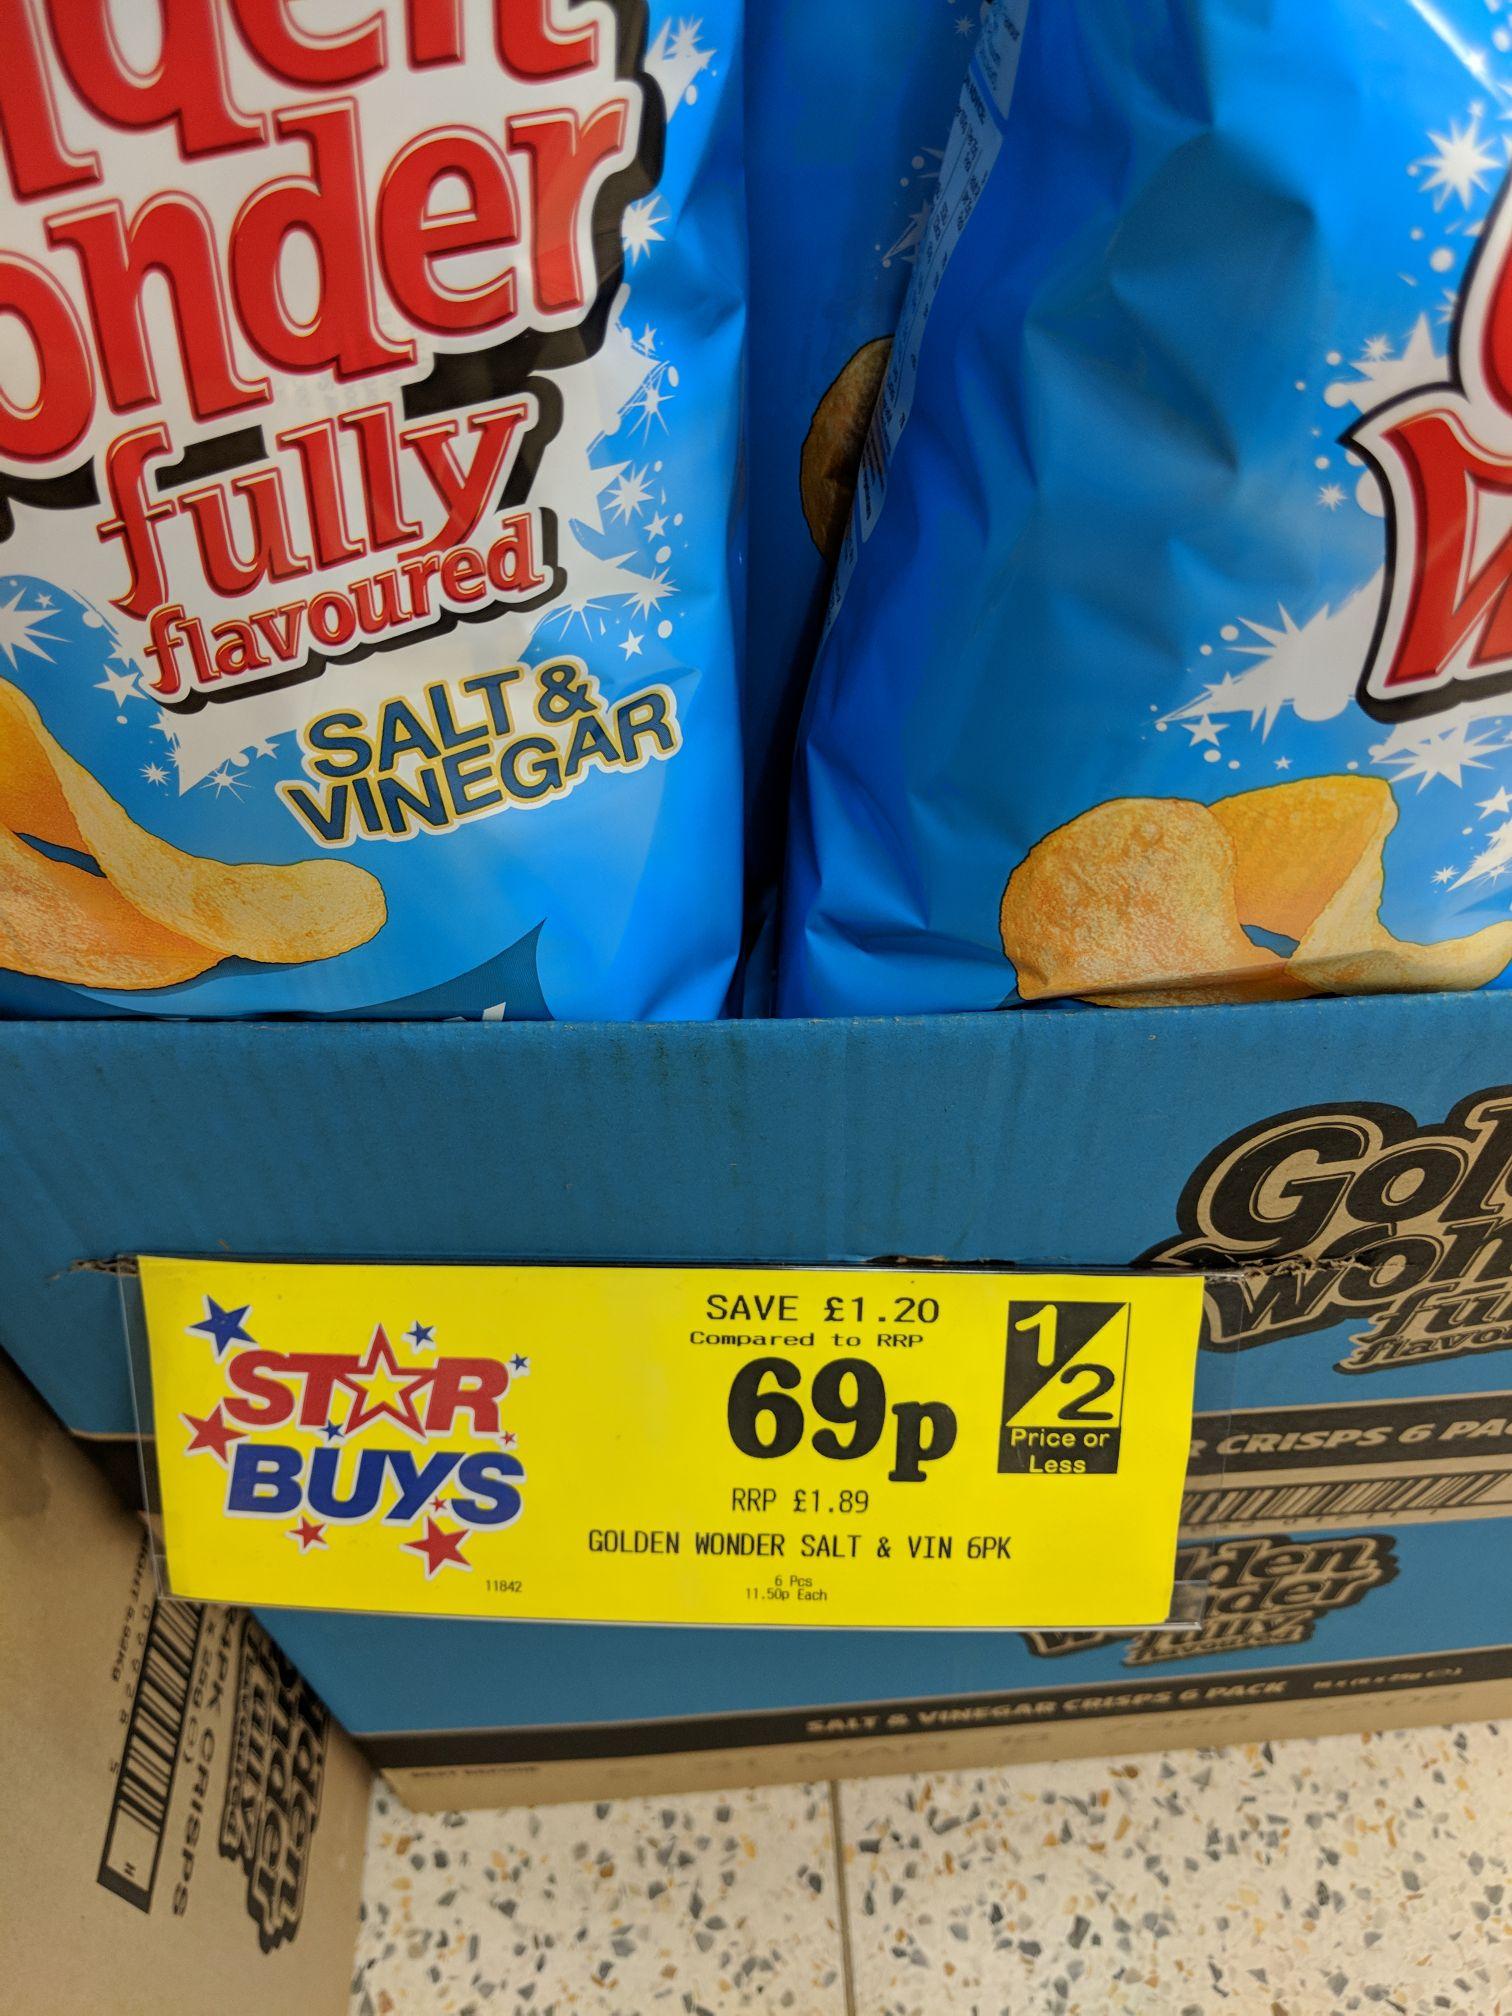 Golden Wonder Crisps 6 Pack 69p @ Home Bargains